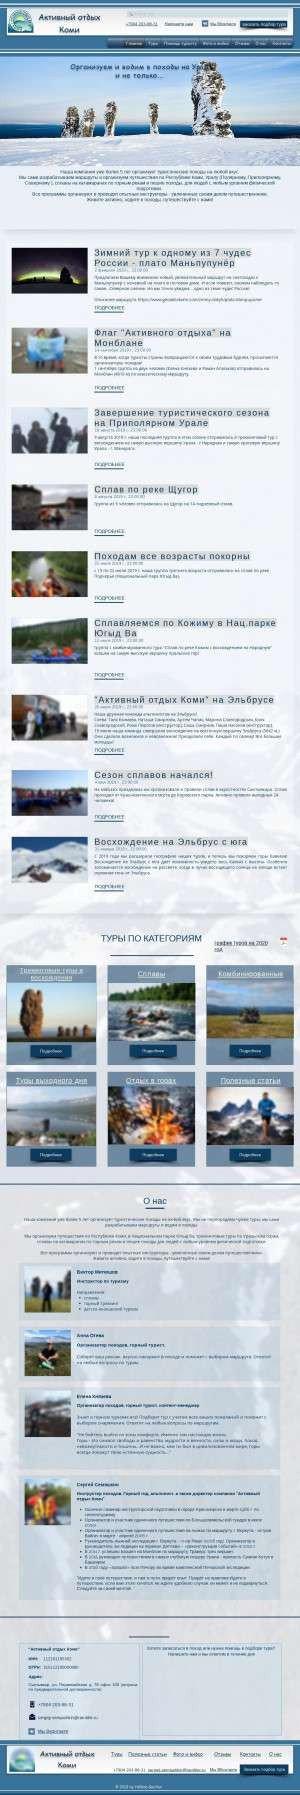 Предпросмотр для www.geoaktivkomi.com — Активный отдых Коми